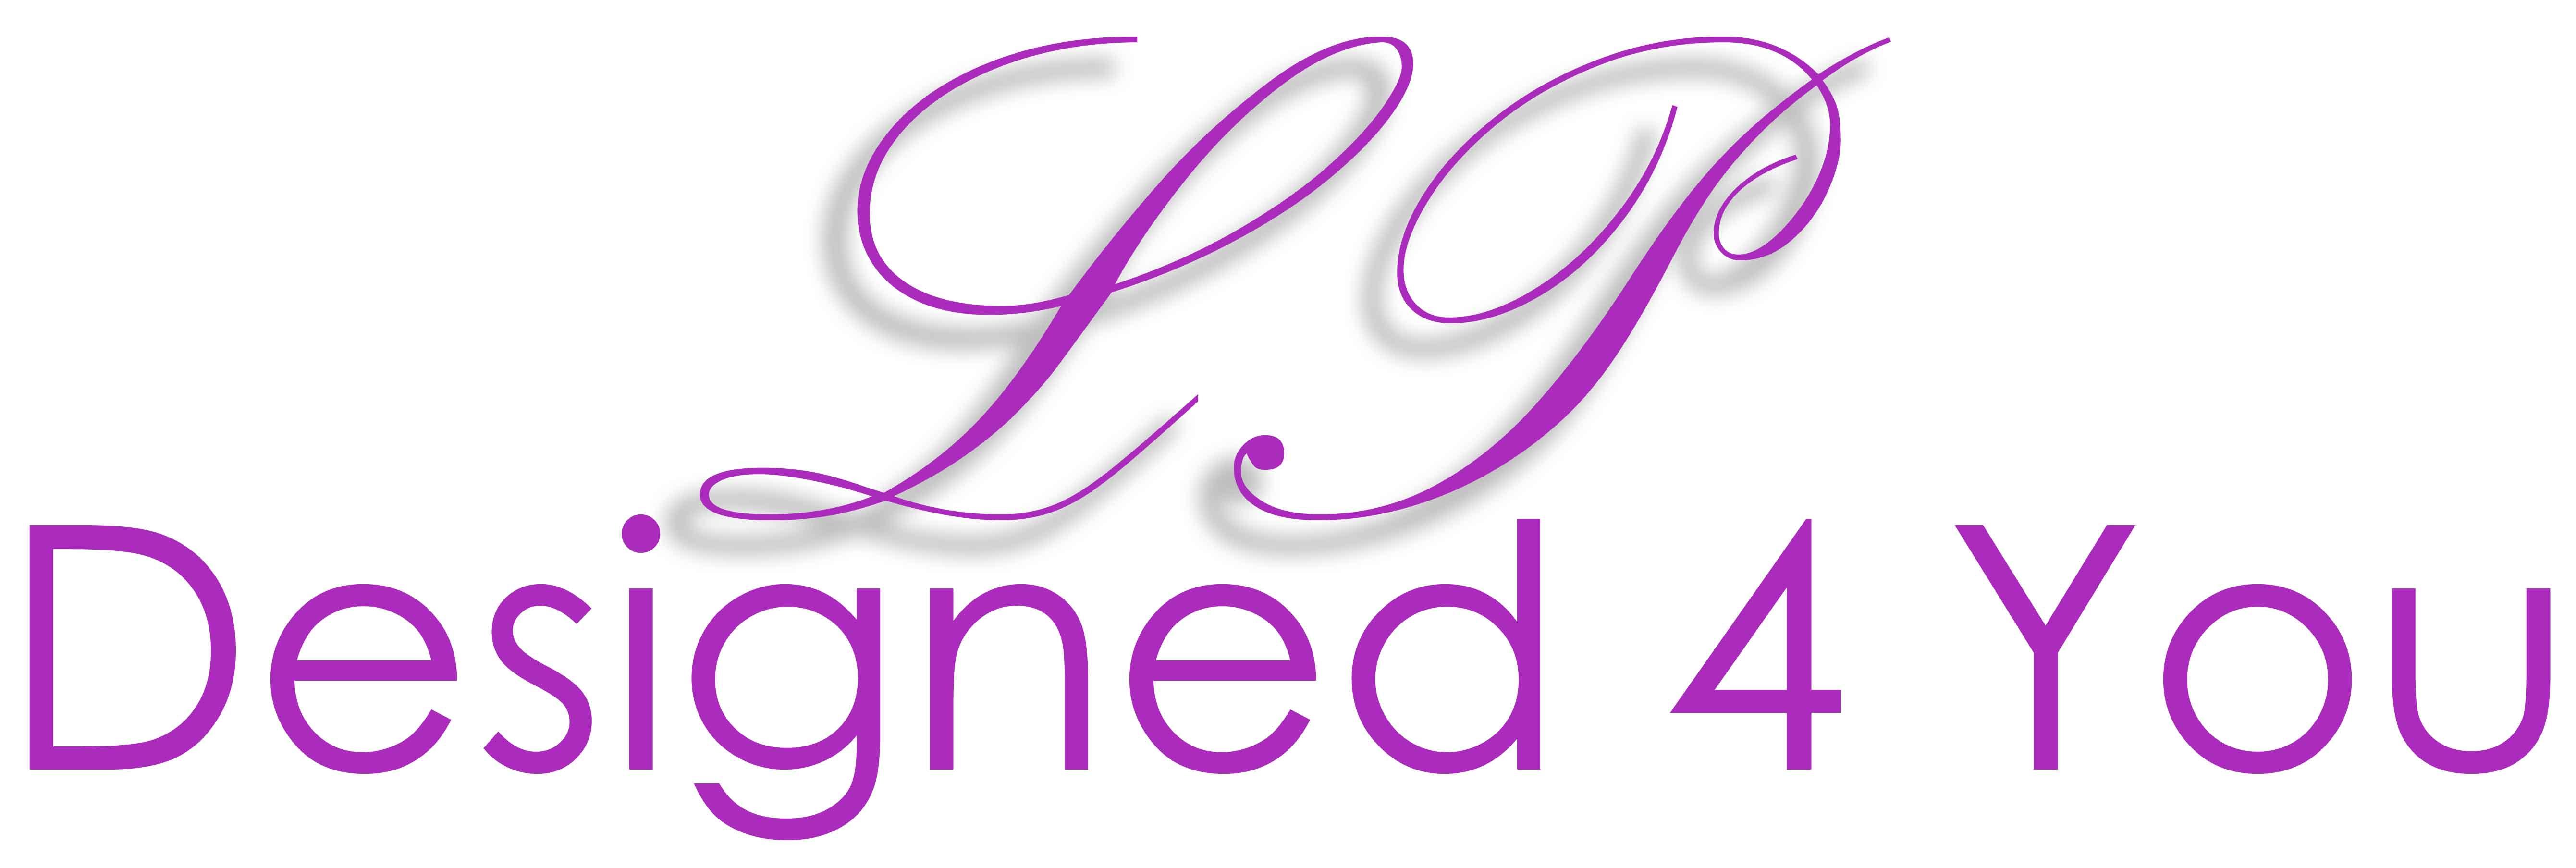 Designed4You